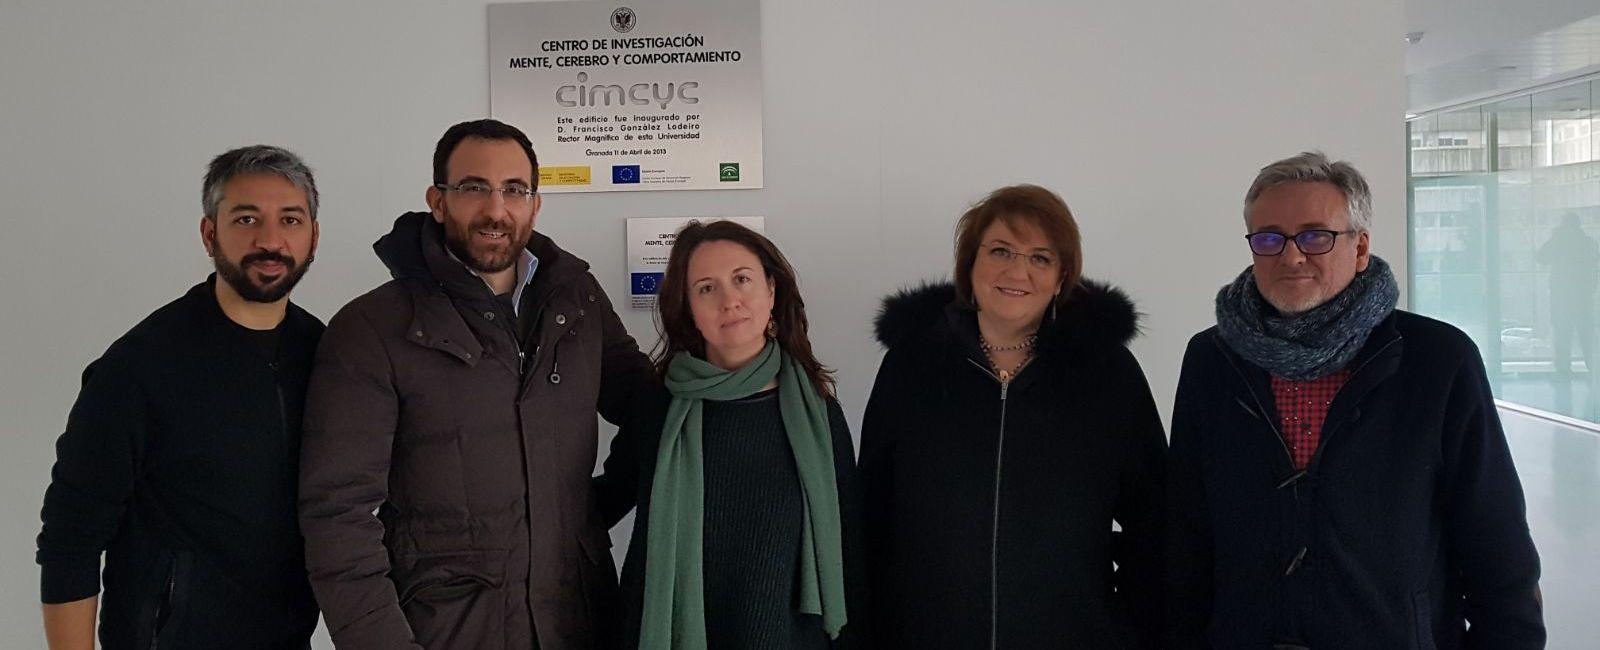 Radiolab UGR se adentra en el Centro de Investigación Mente, Cerebro y Comportamiento